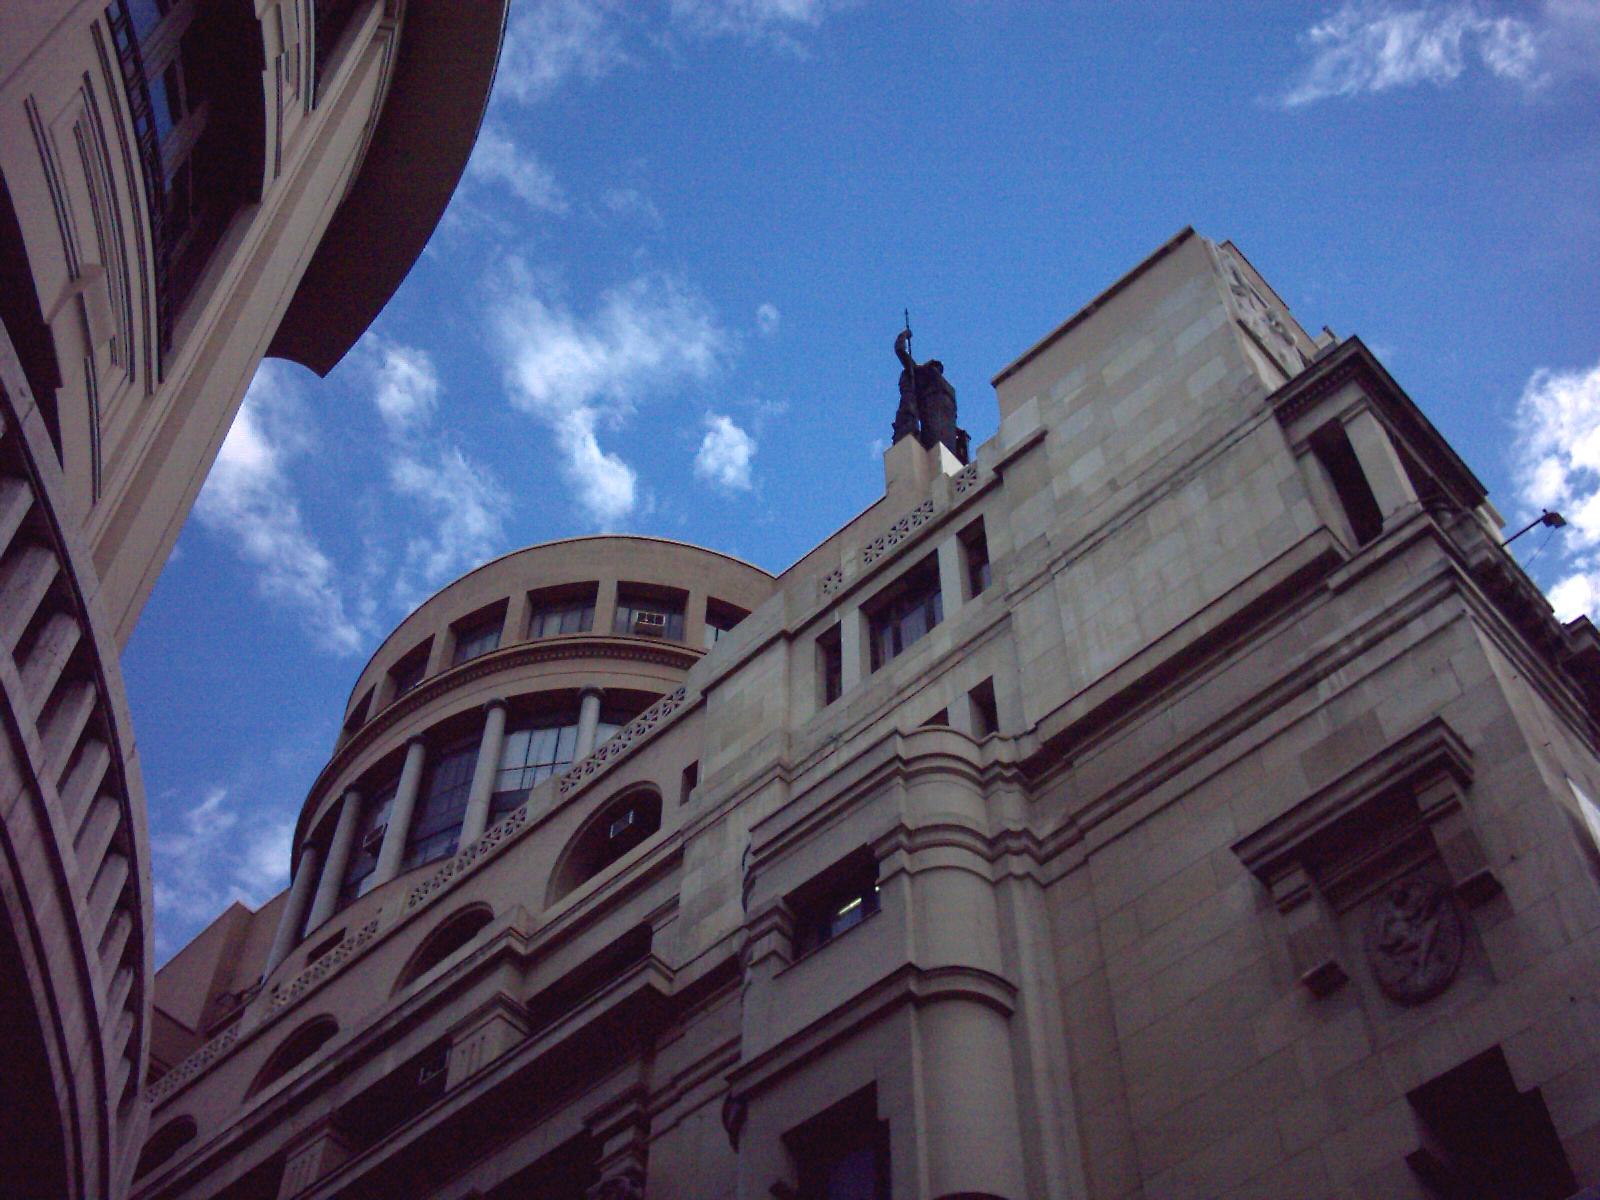 Madrid-Circulo de Bellas Artes.jpg